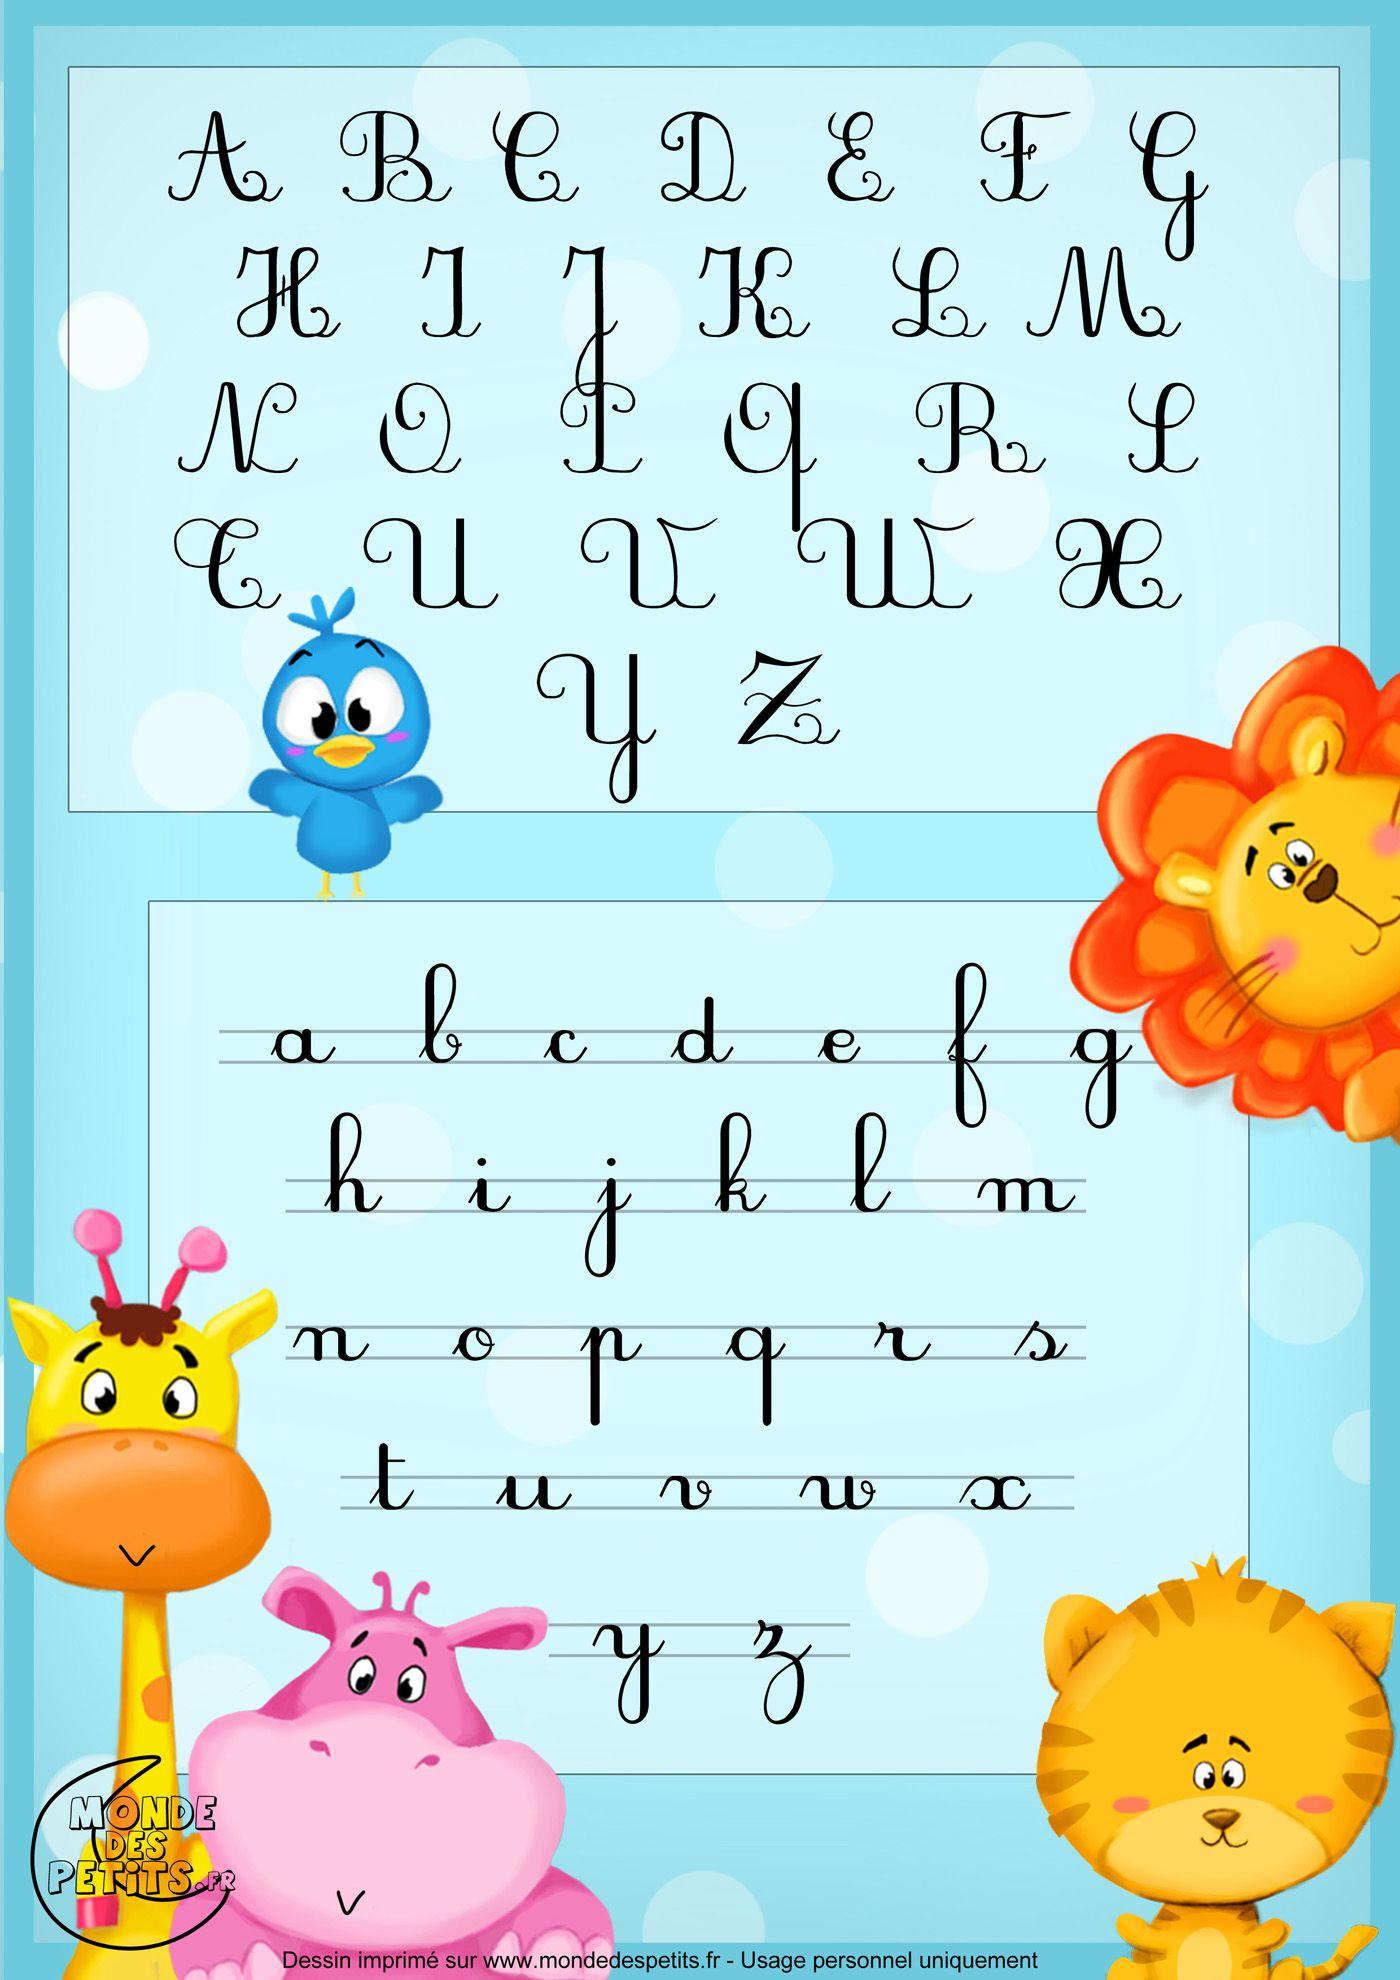 Paroles_La Chanson De L 'alphabet | Comptine De L'alphabet pour Apprendre Alphabet Francais